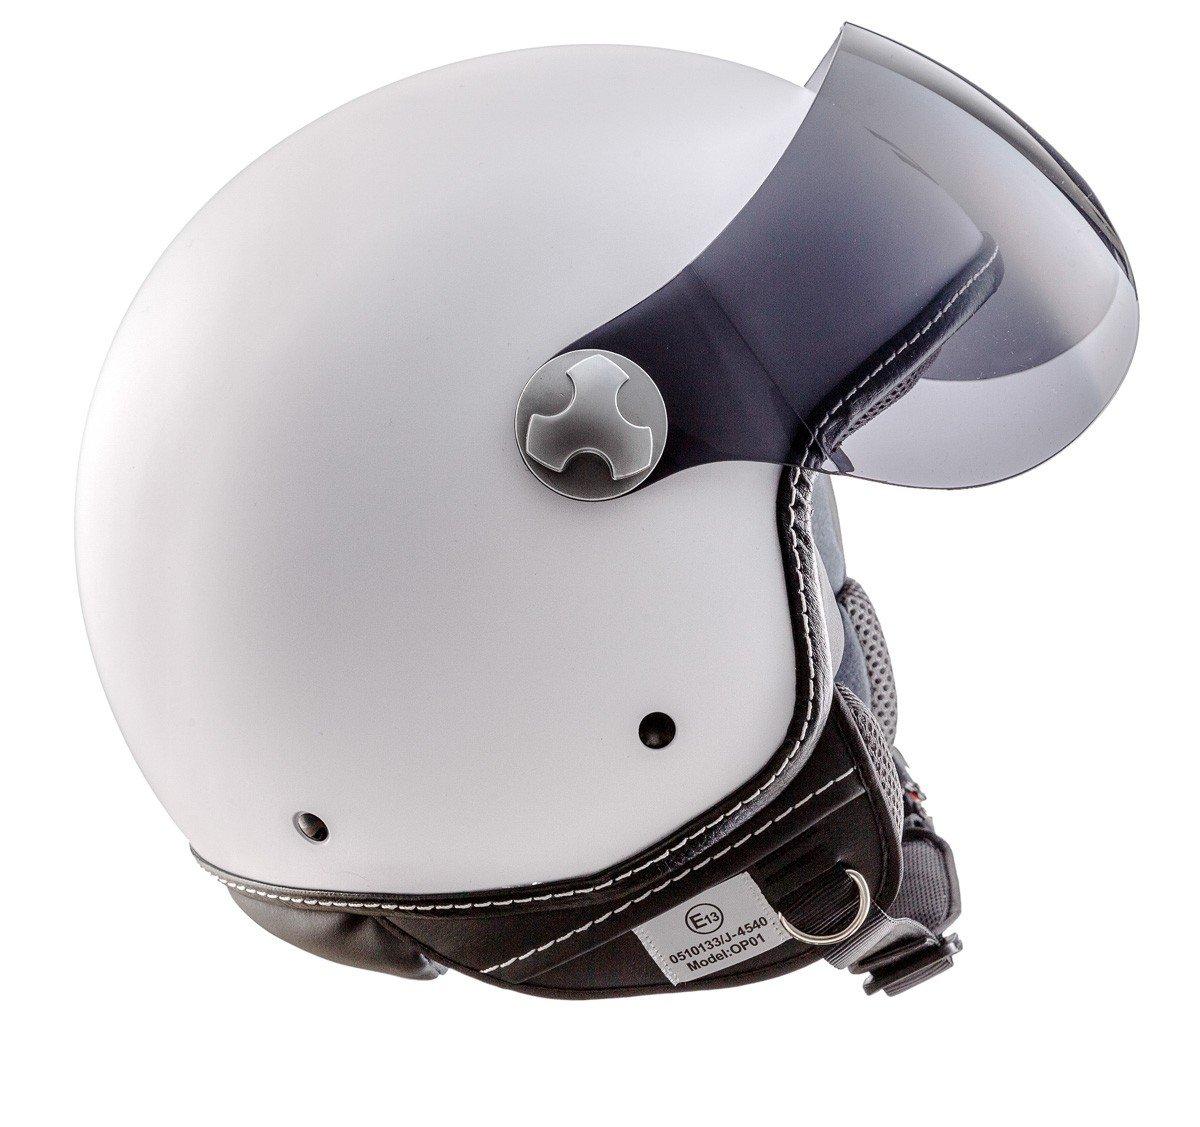 """red Armor /· AV-84 /""""Vintage Deluxe Red/"""" /· Casco Demi Jet /· Piloto Urbano Scooter Helmet Motocicletta Moto /· ECE certificato /· Visor /· Click-n-Secure/™ Clip /· Borsa per il trasporto /·"""